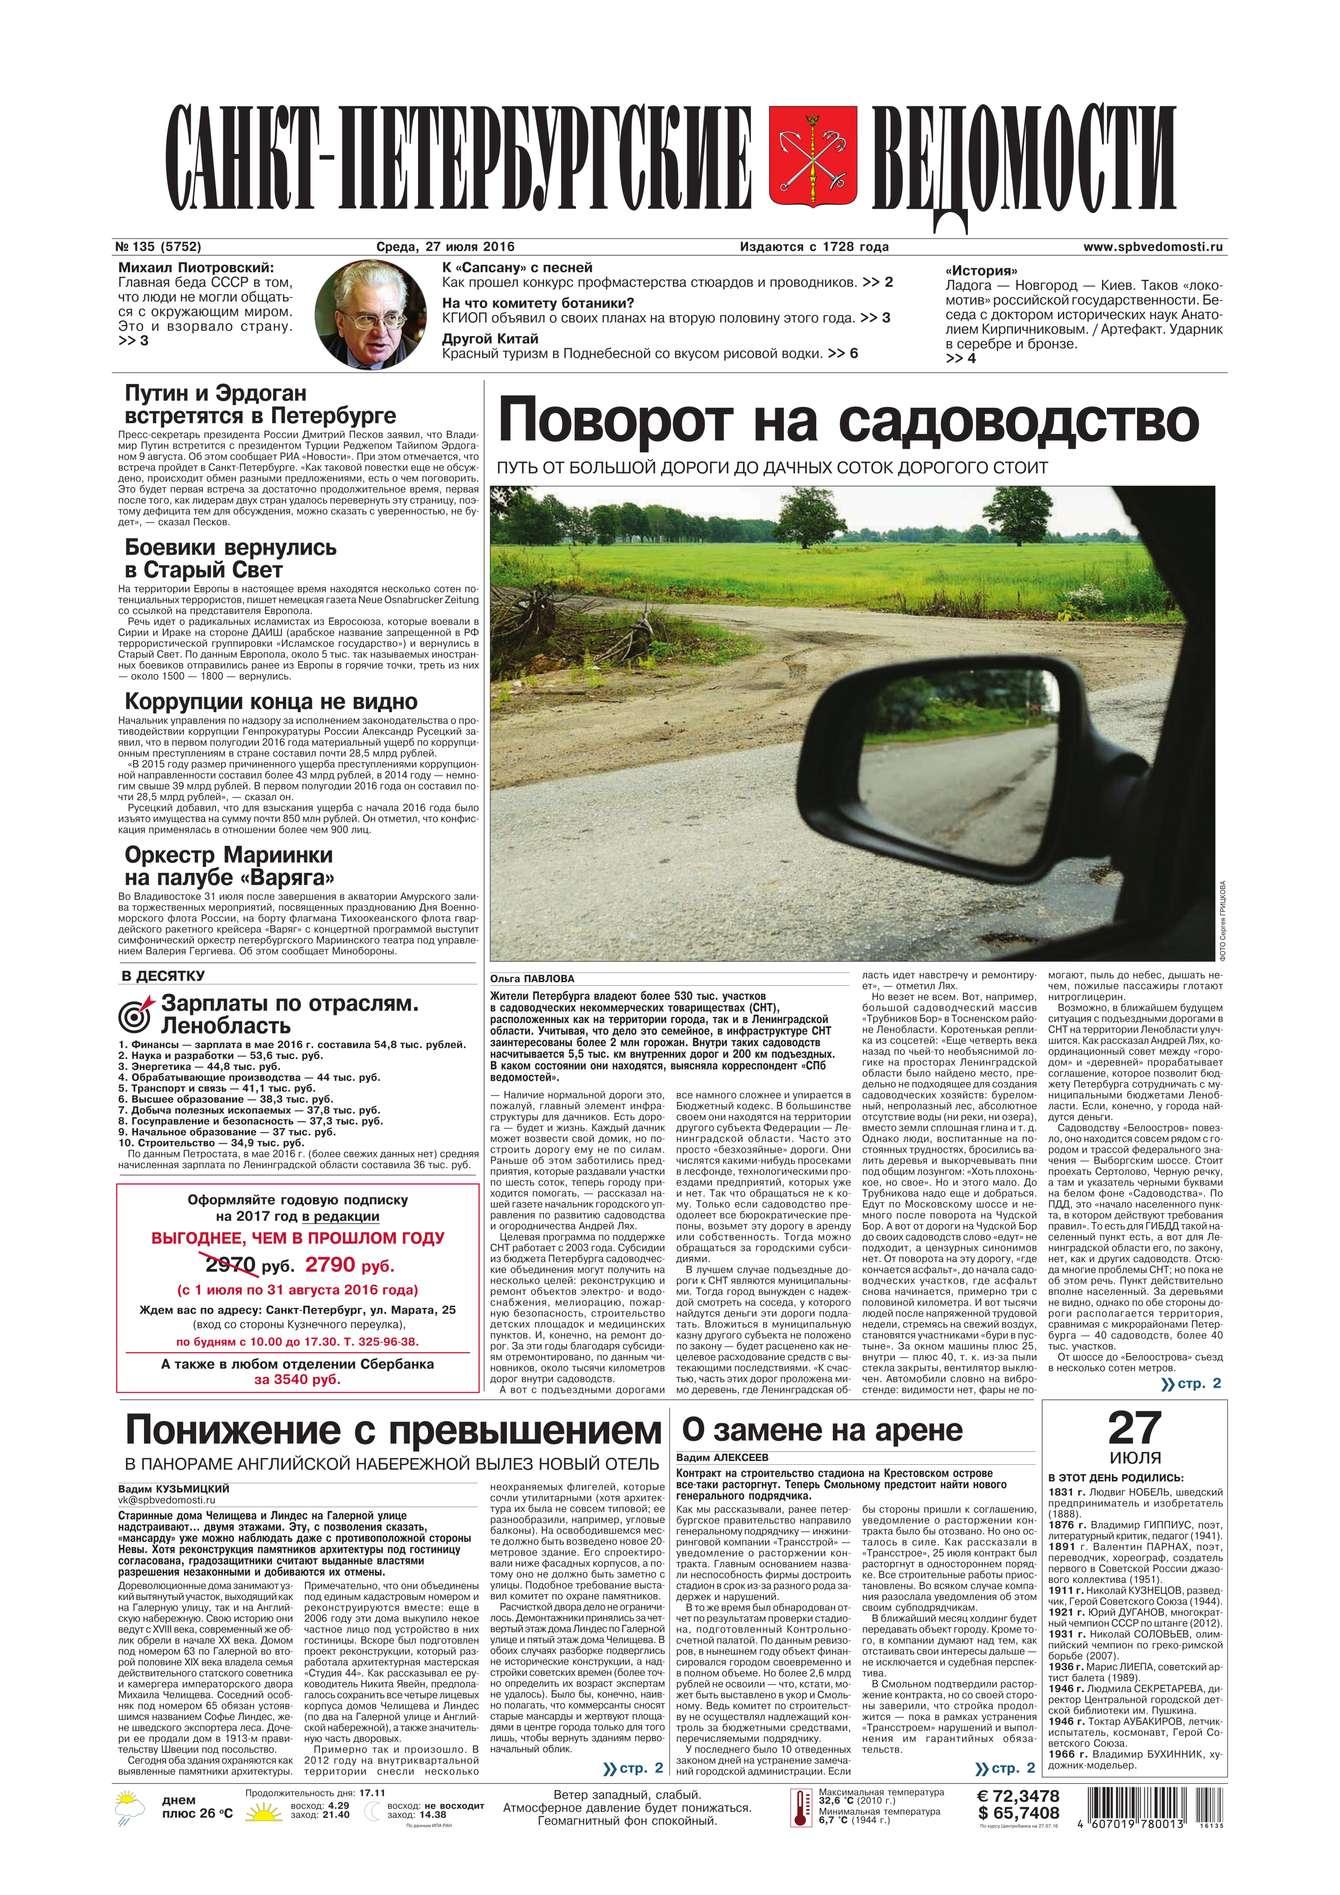 Редакция газеты Санкт-Петербургские ведомости Санкт-Петербургские ведомости 135-2016